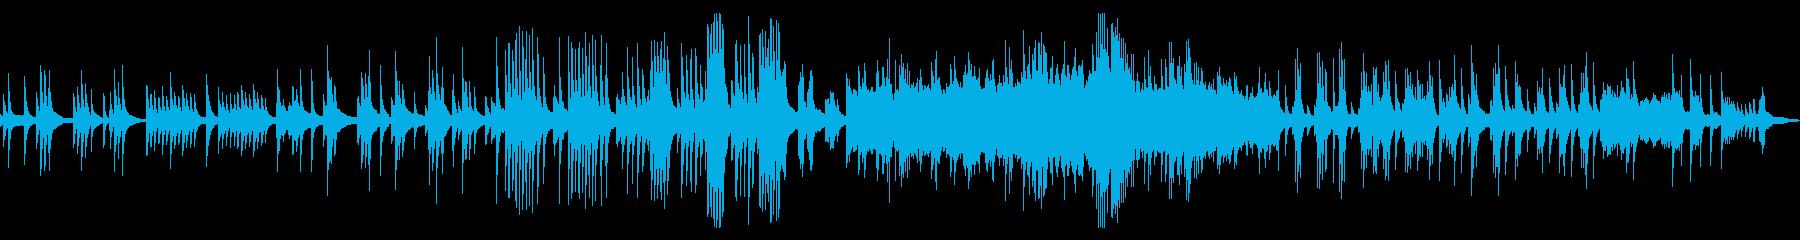 定番クラシック、月の光、ドビュッシーの再生済みの波形